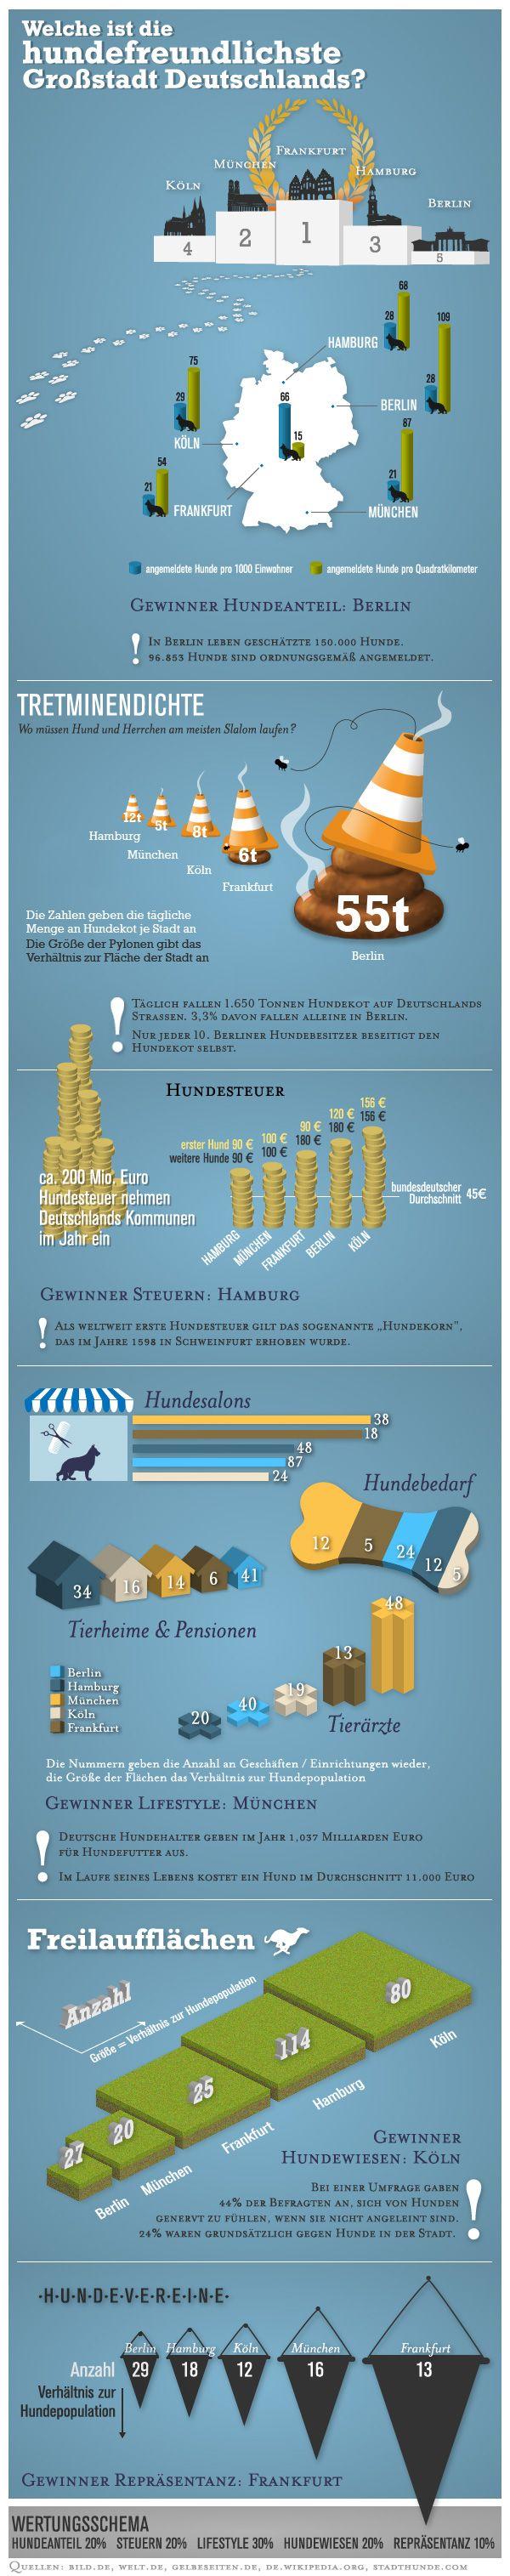 Wer ist die hundefreundlichste Großstadt Deutschlands?  Sehr gut gestaltete und informative Grafik über die Lebensbedingungen für Hunde in deutschen Städten.